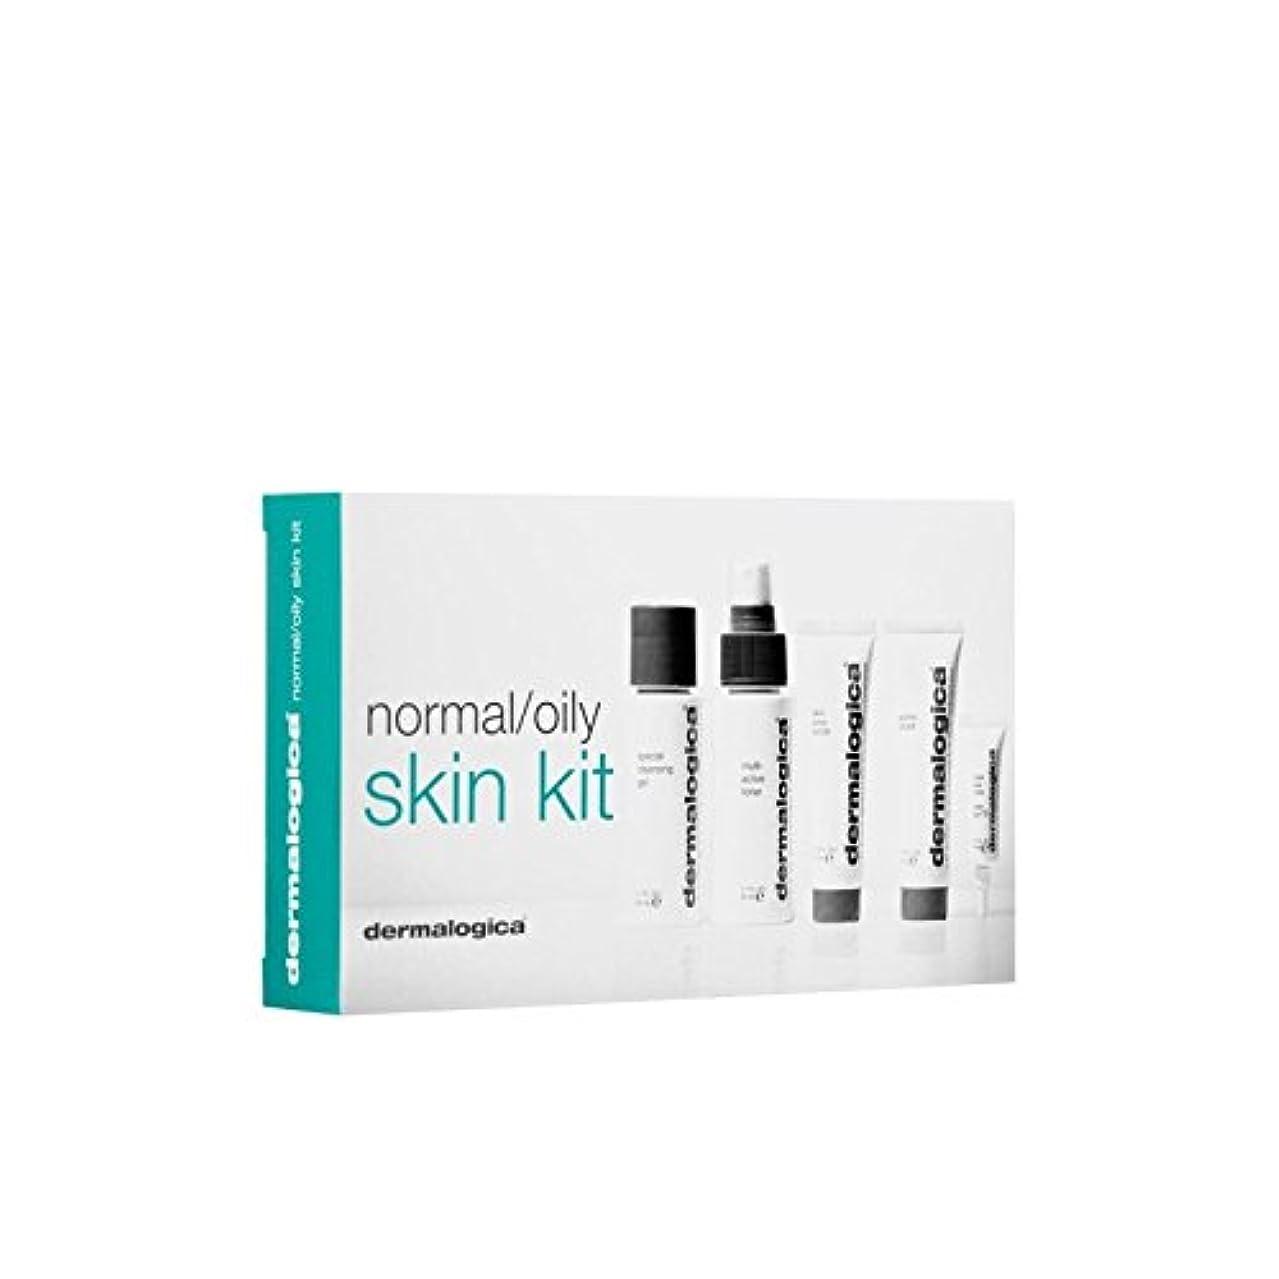 ピアノを弾く火山学者埋めるダーマロジカスキンキット - ノーマル/オイリー(5製品) x4 - Dermalogica Skin Kit - Normal/Oily (5 Products) (Pack of 4) [並行輸入品]